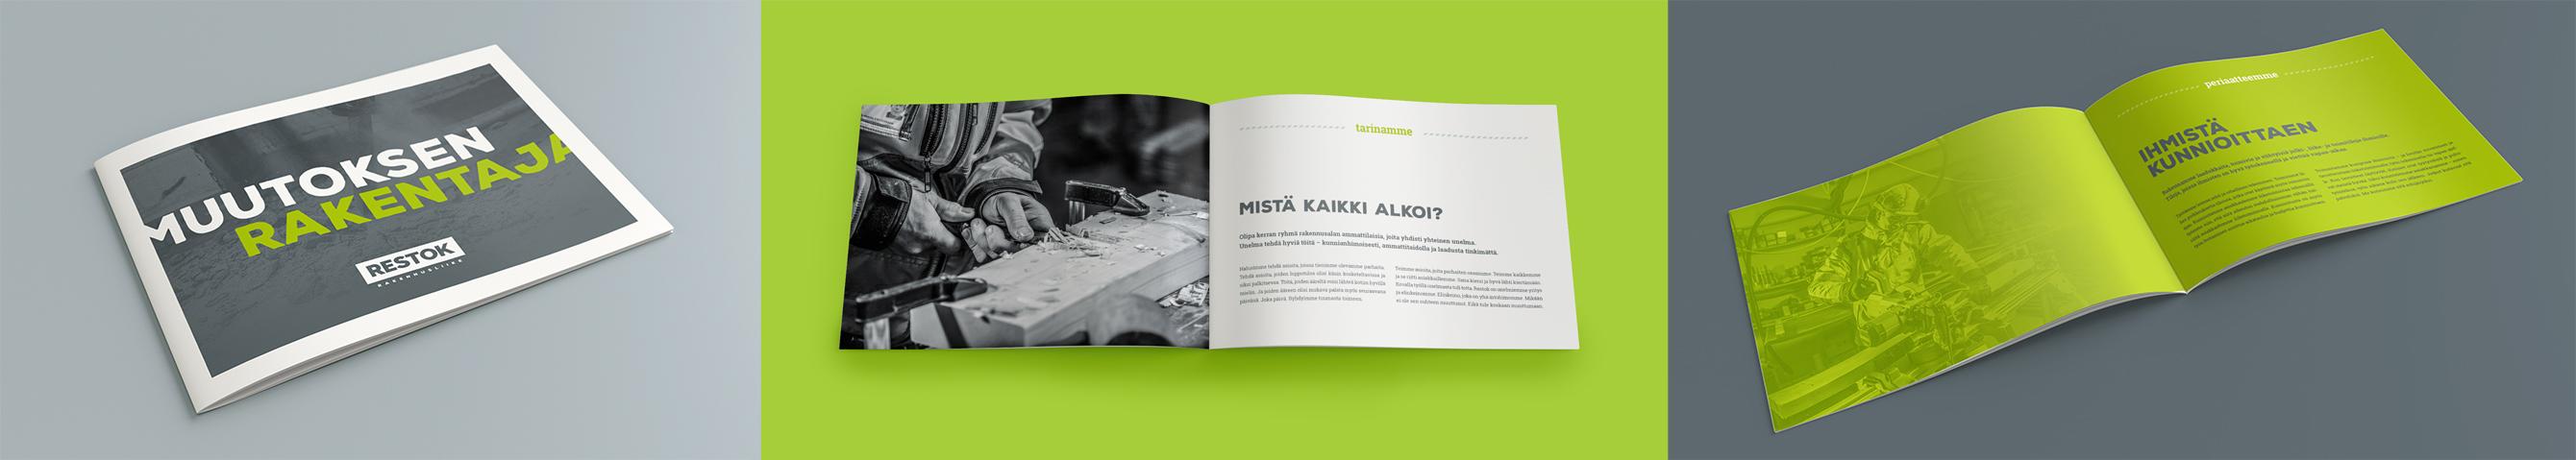 restok_brandbook_kollaasi2